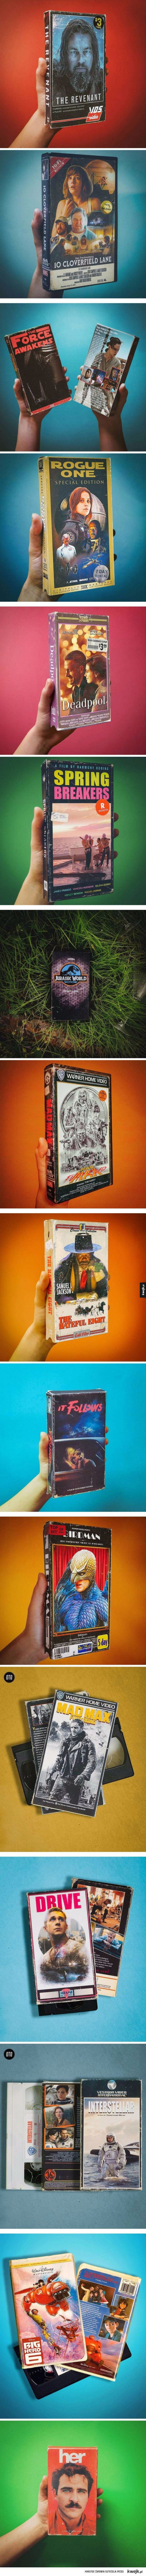 Współczesne filmy na VHS